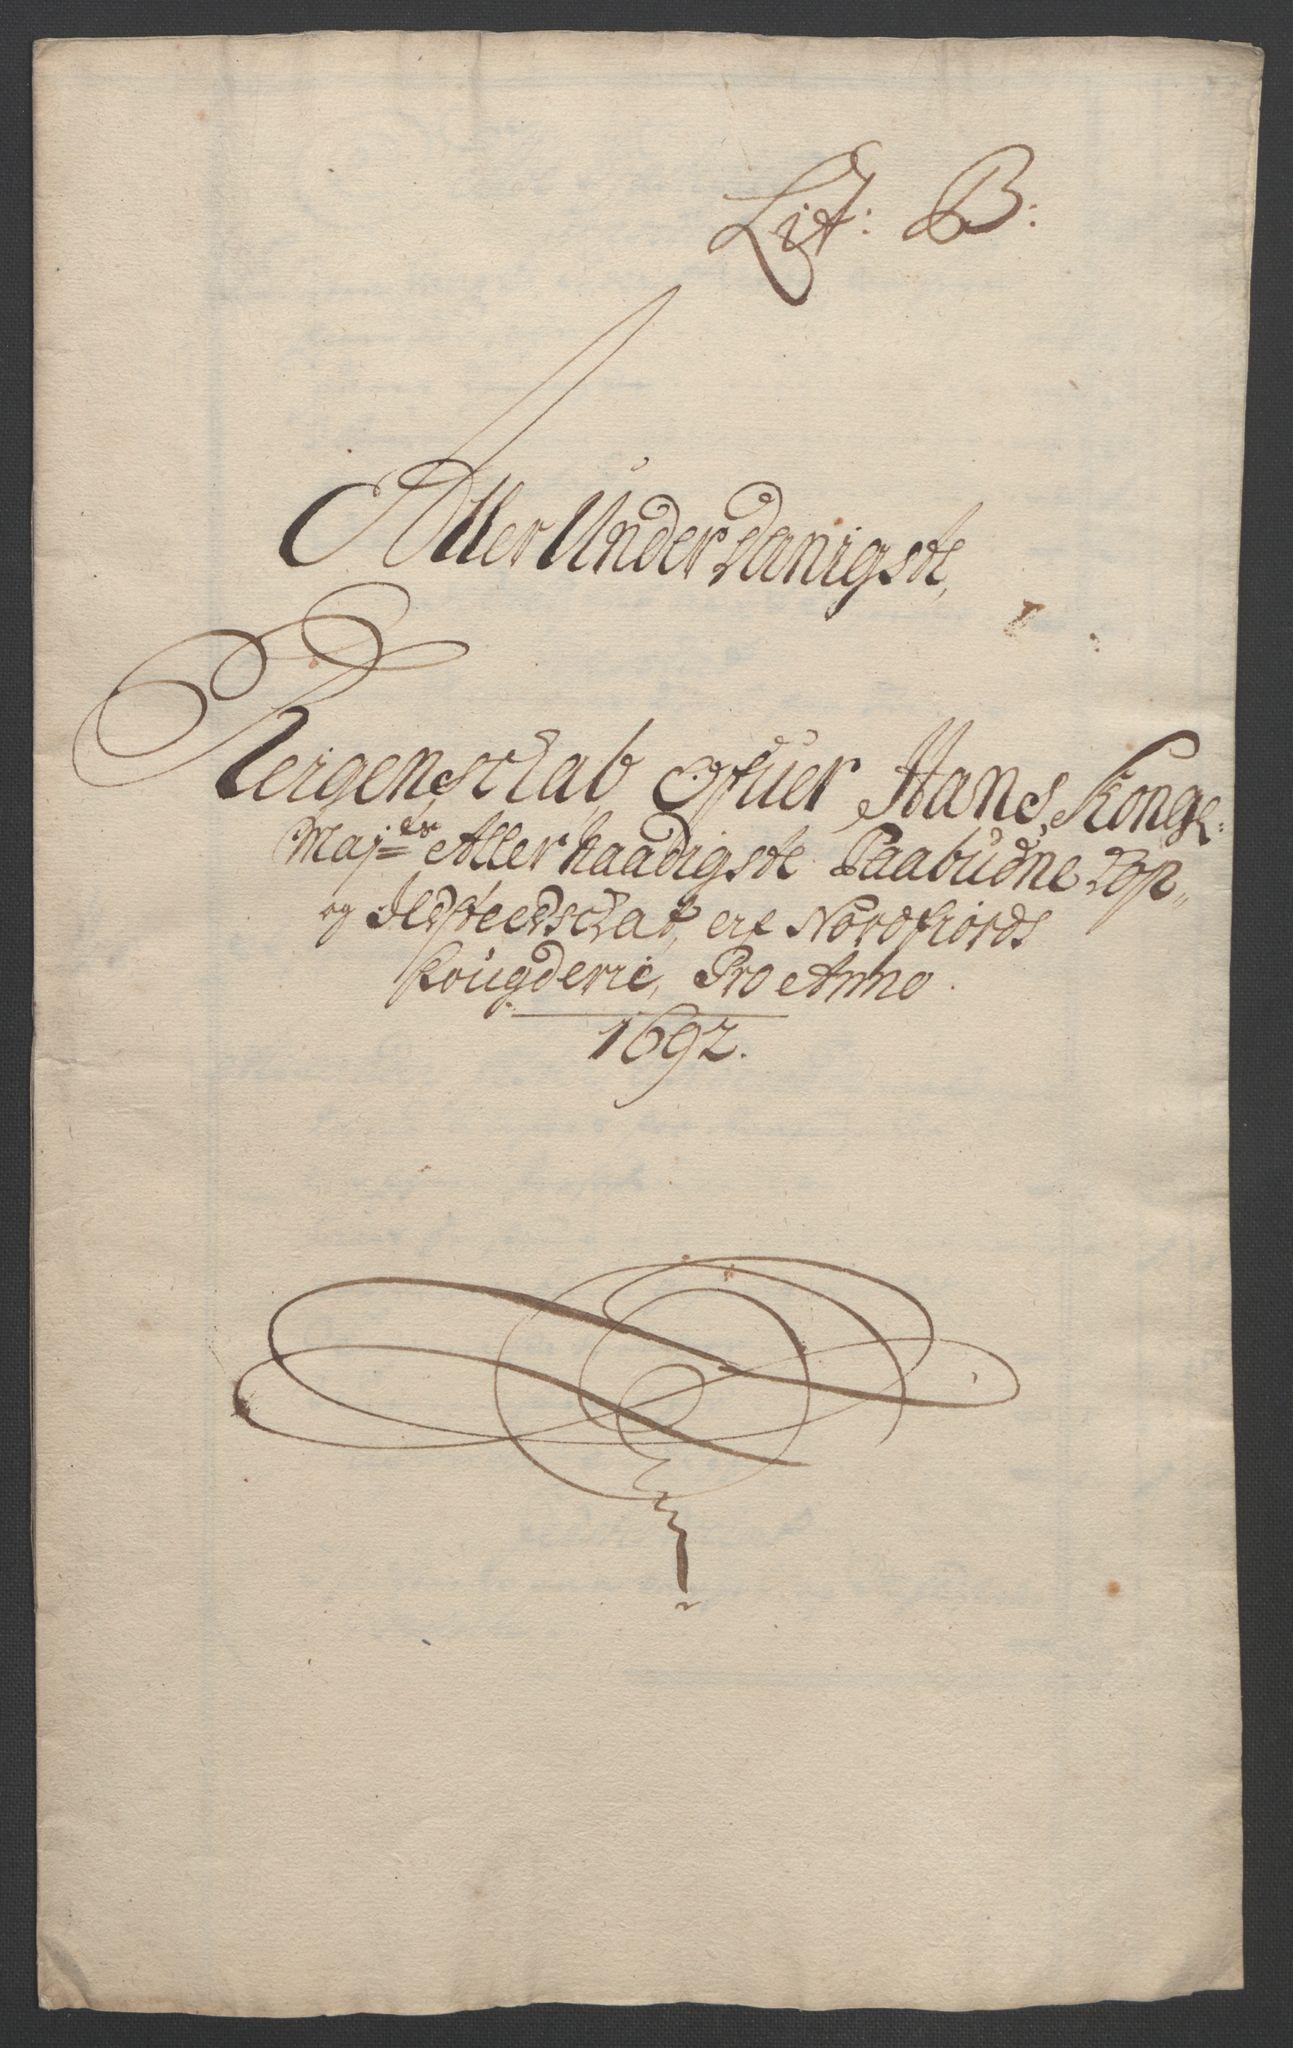 RA, Rentekammeret inntil 1814, Reviderte regnskaper, Fogderegnskap, R53/L3420: Fogderegnskap Sunn- og Nordfjord, 1691-1692, s. 324